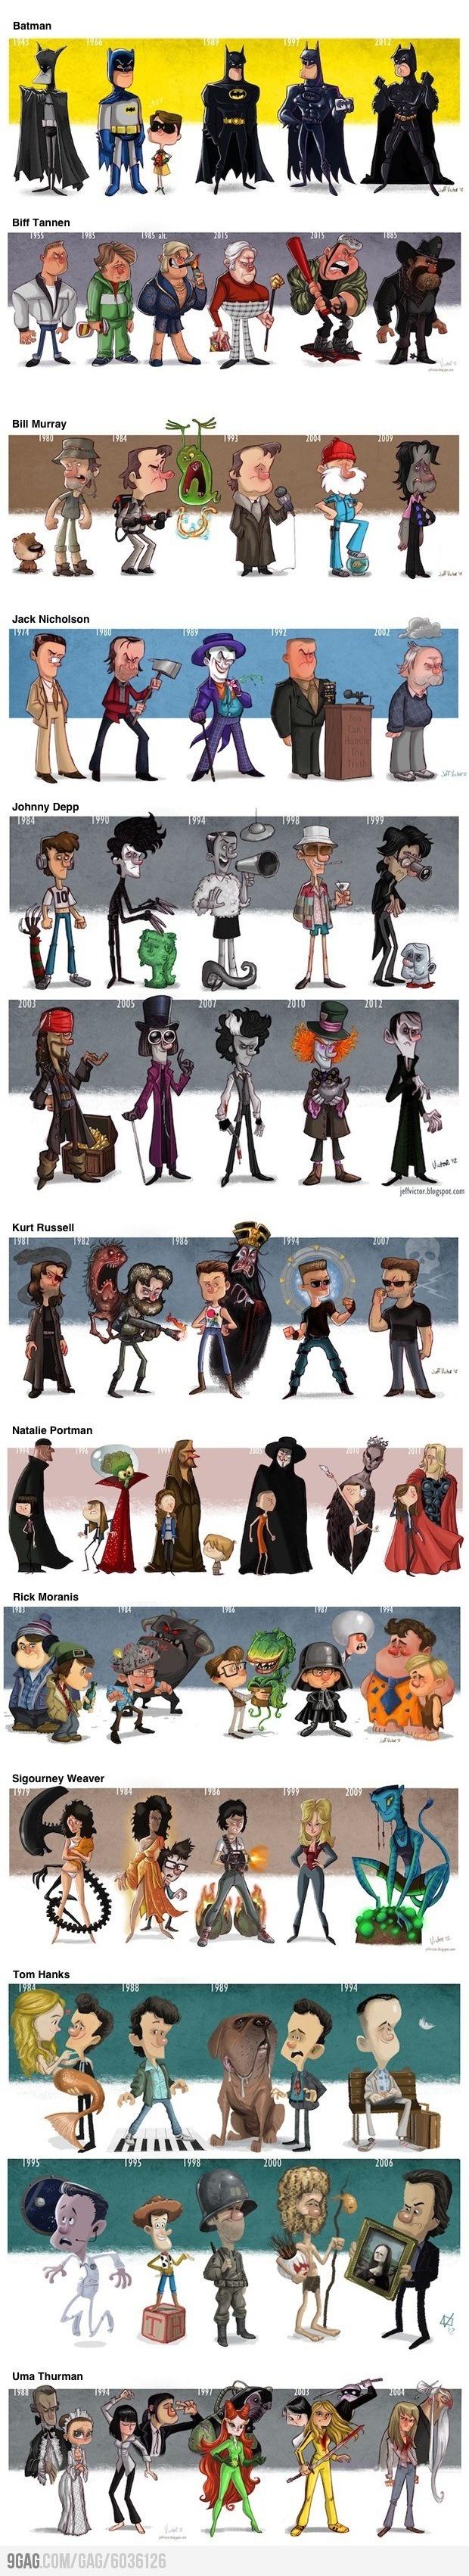 Infografía en caricatura de como han evolucionado algunos artistas.